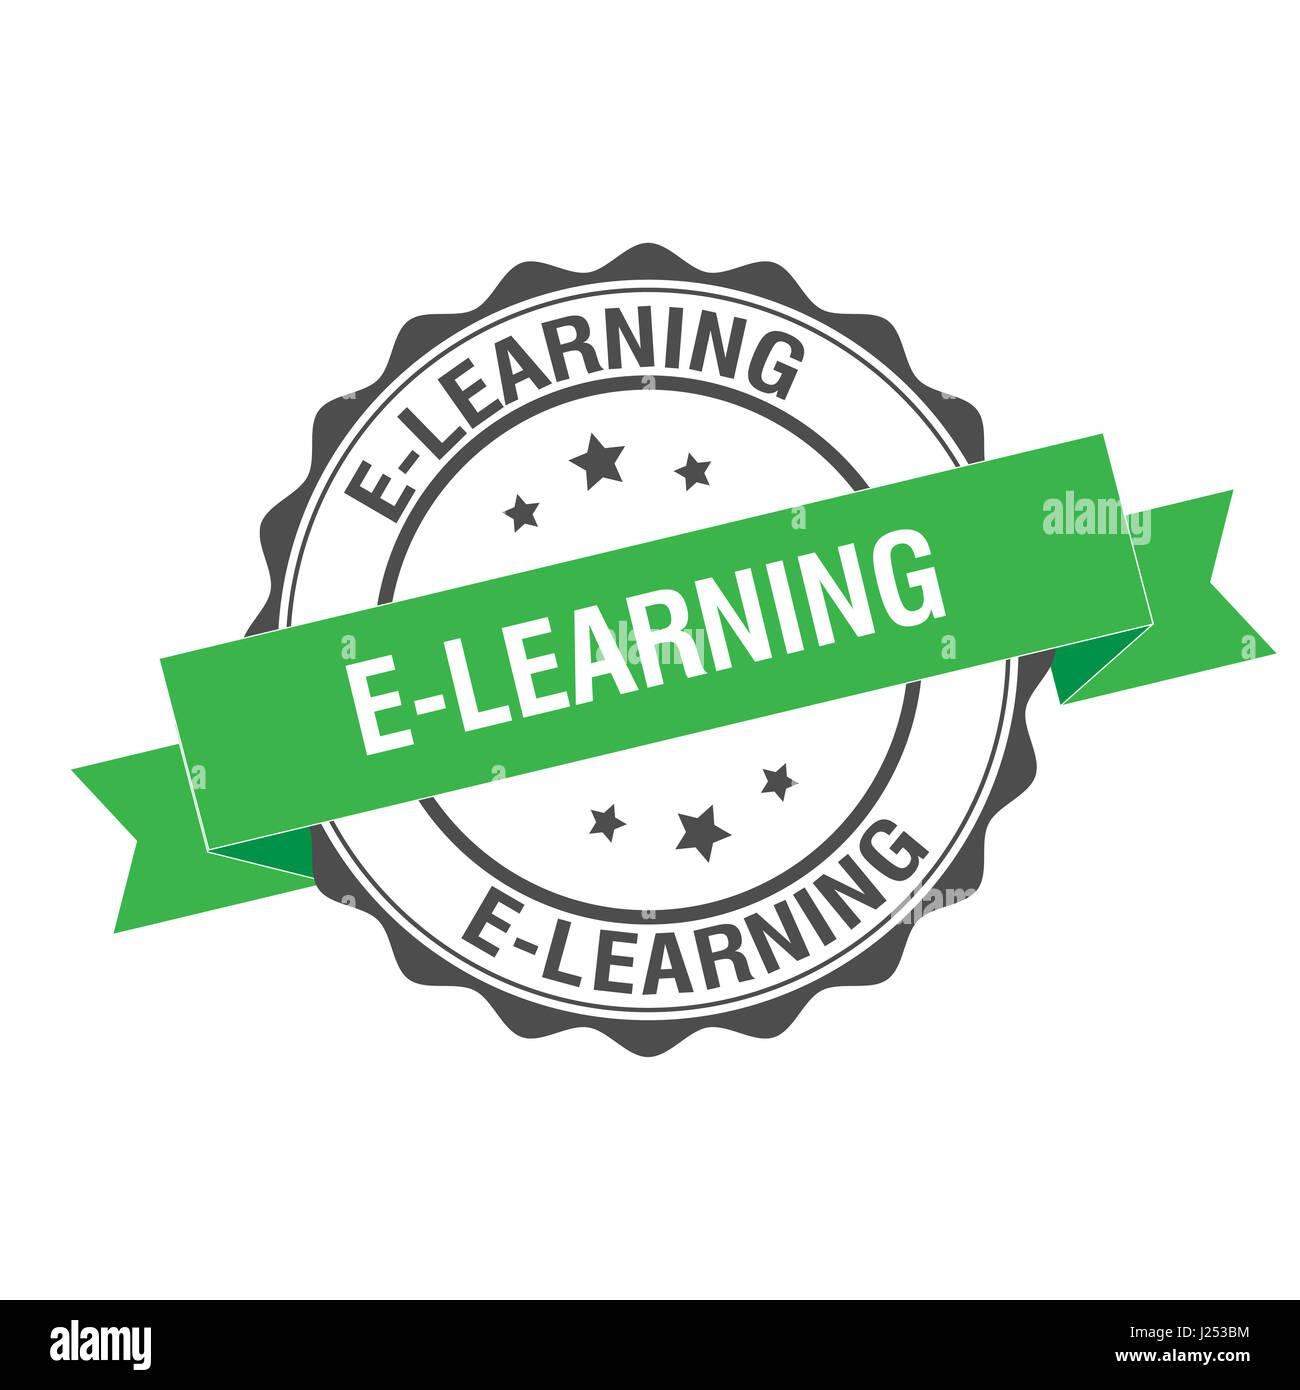 E -learning ilustración del sello Foto de stock